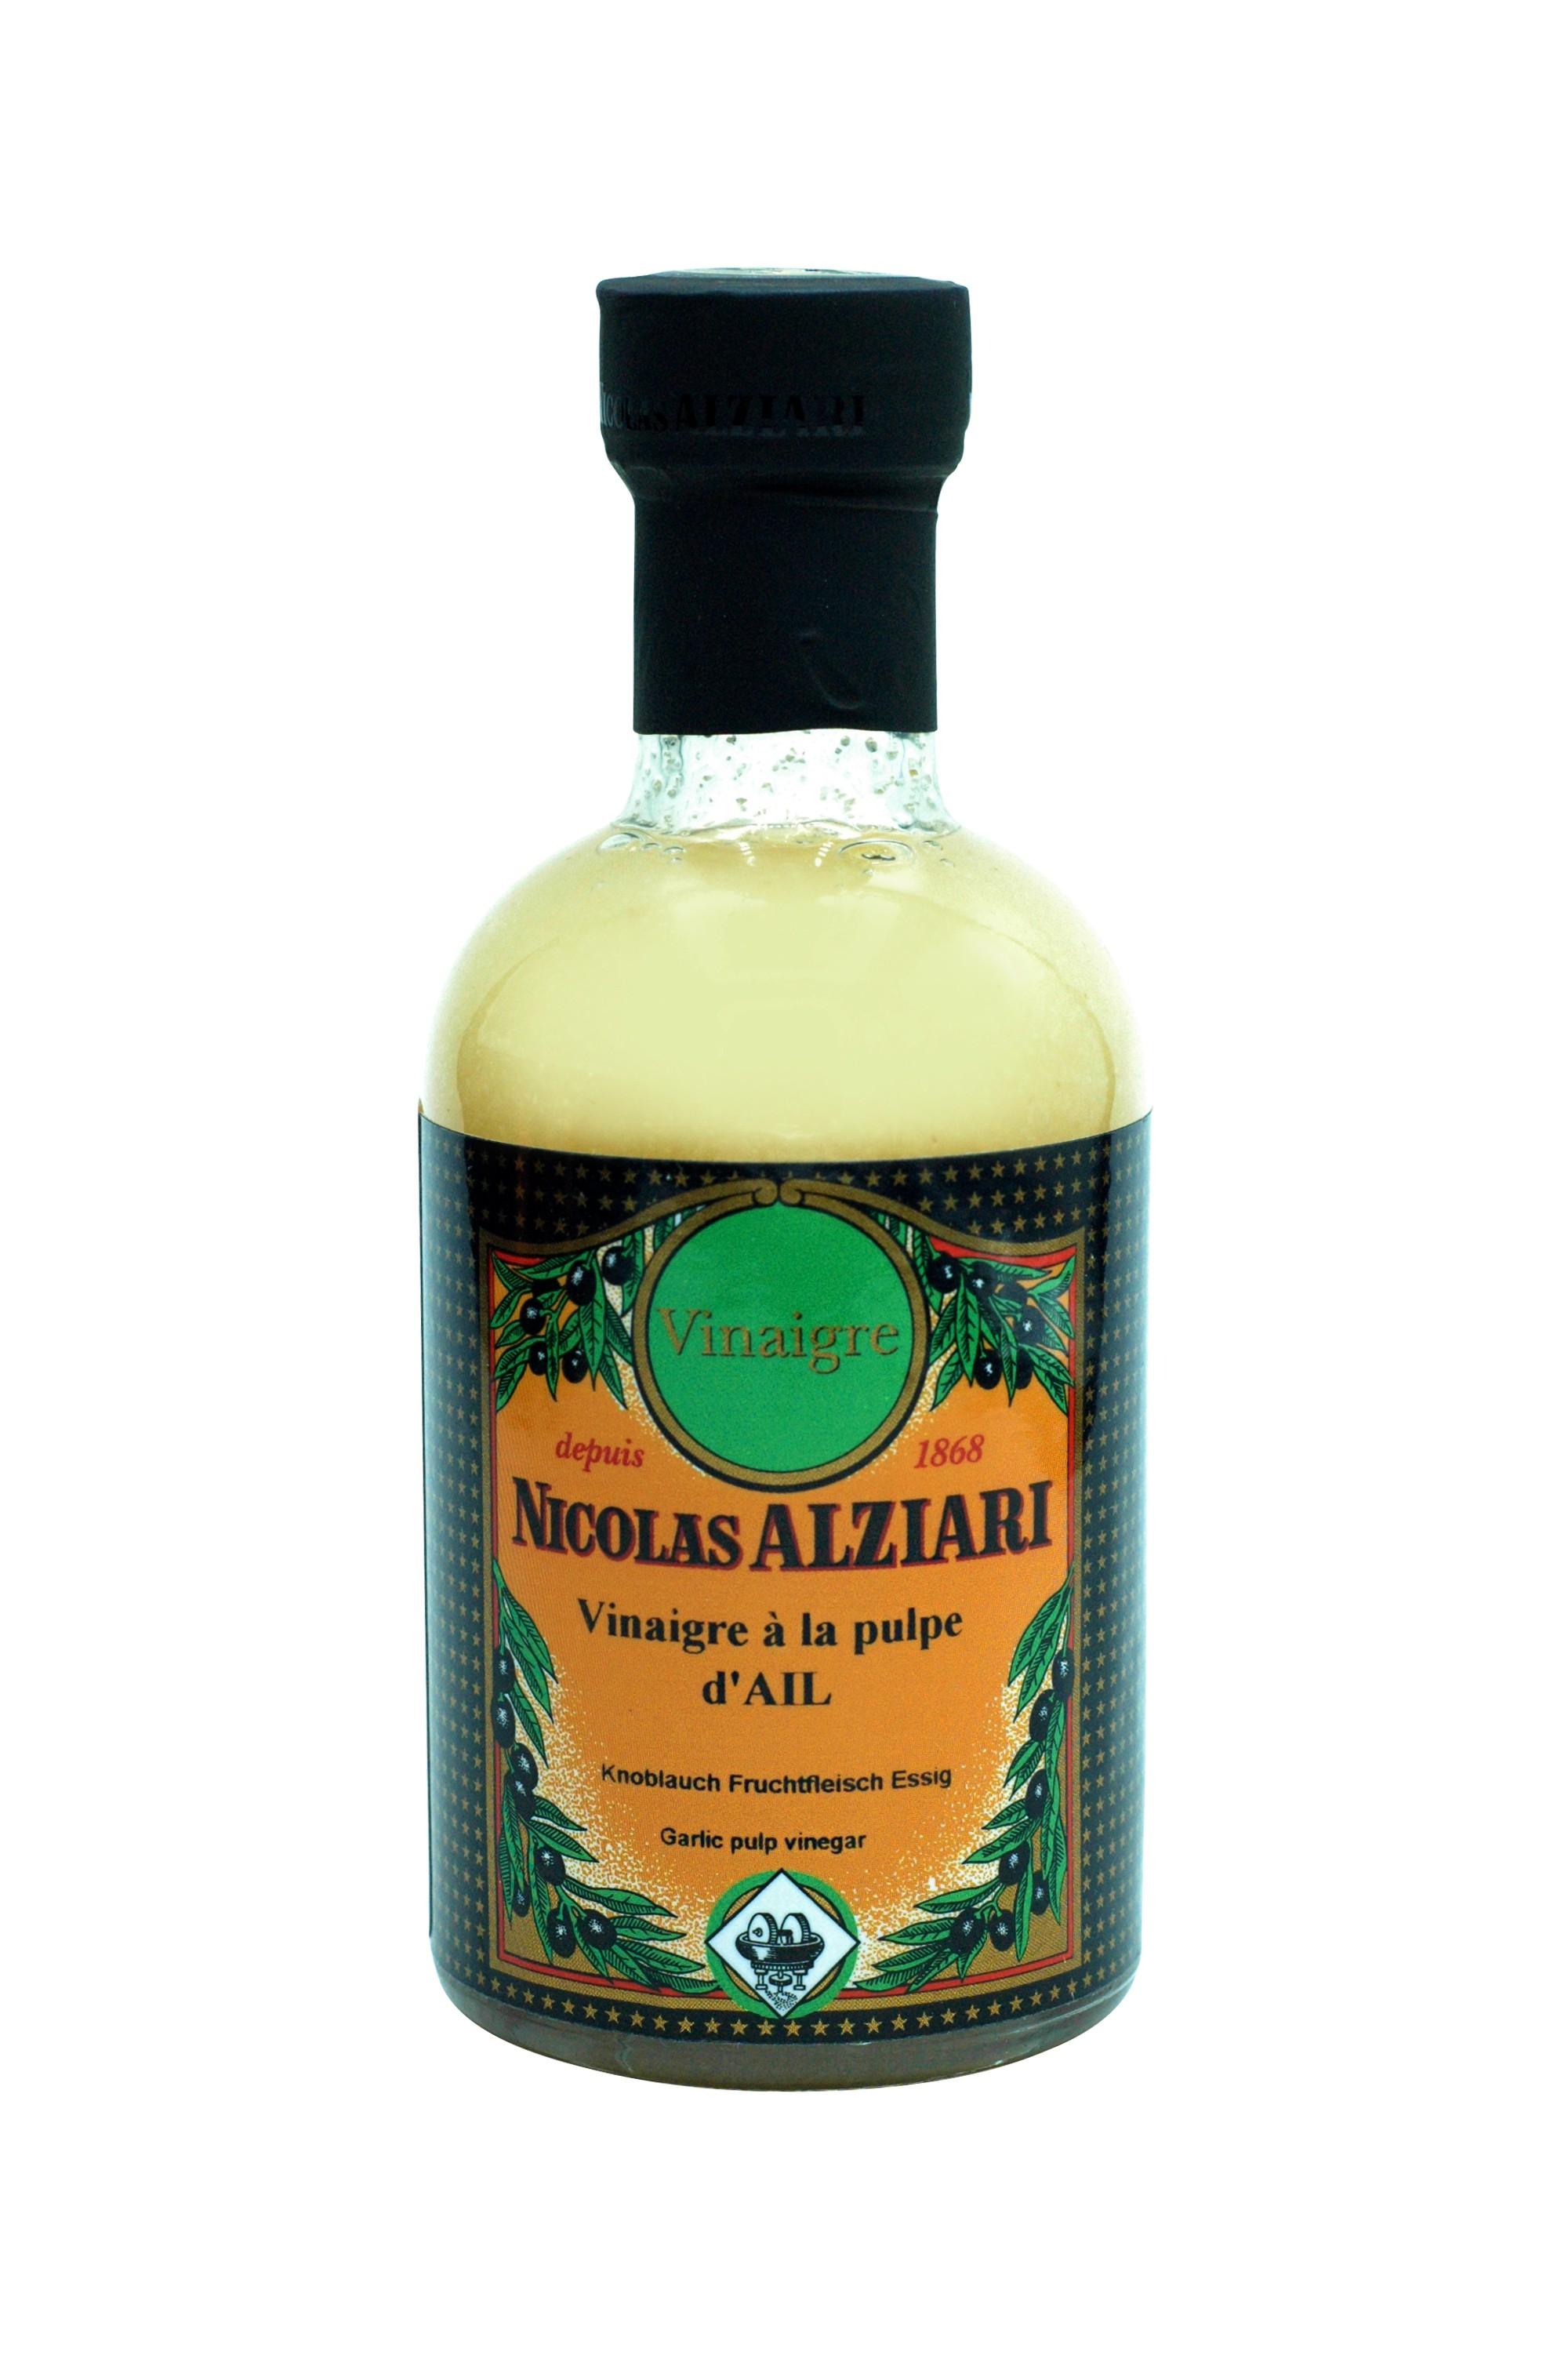 200 ml bottle garlic pulp vinegar